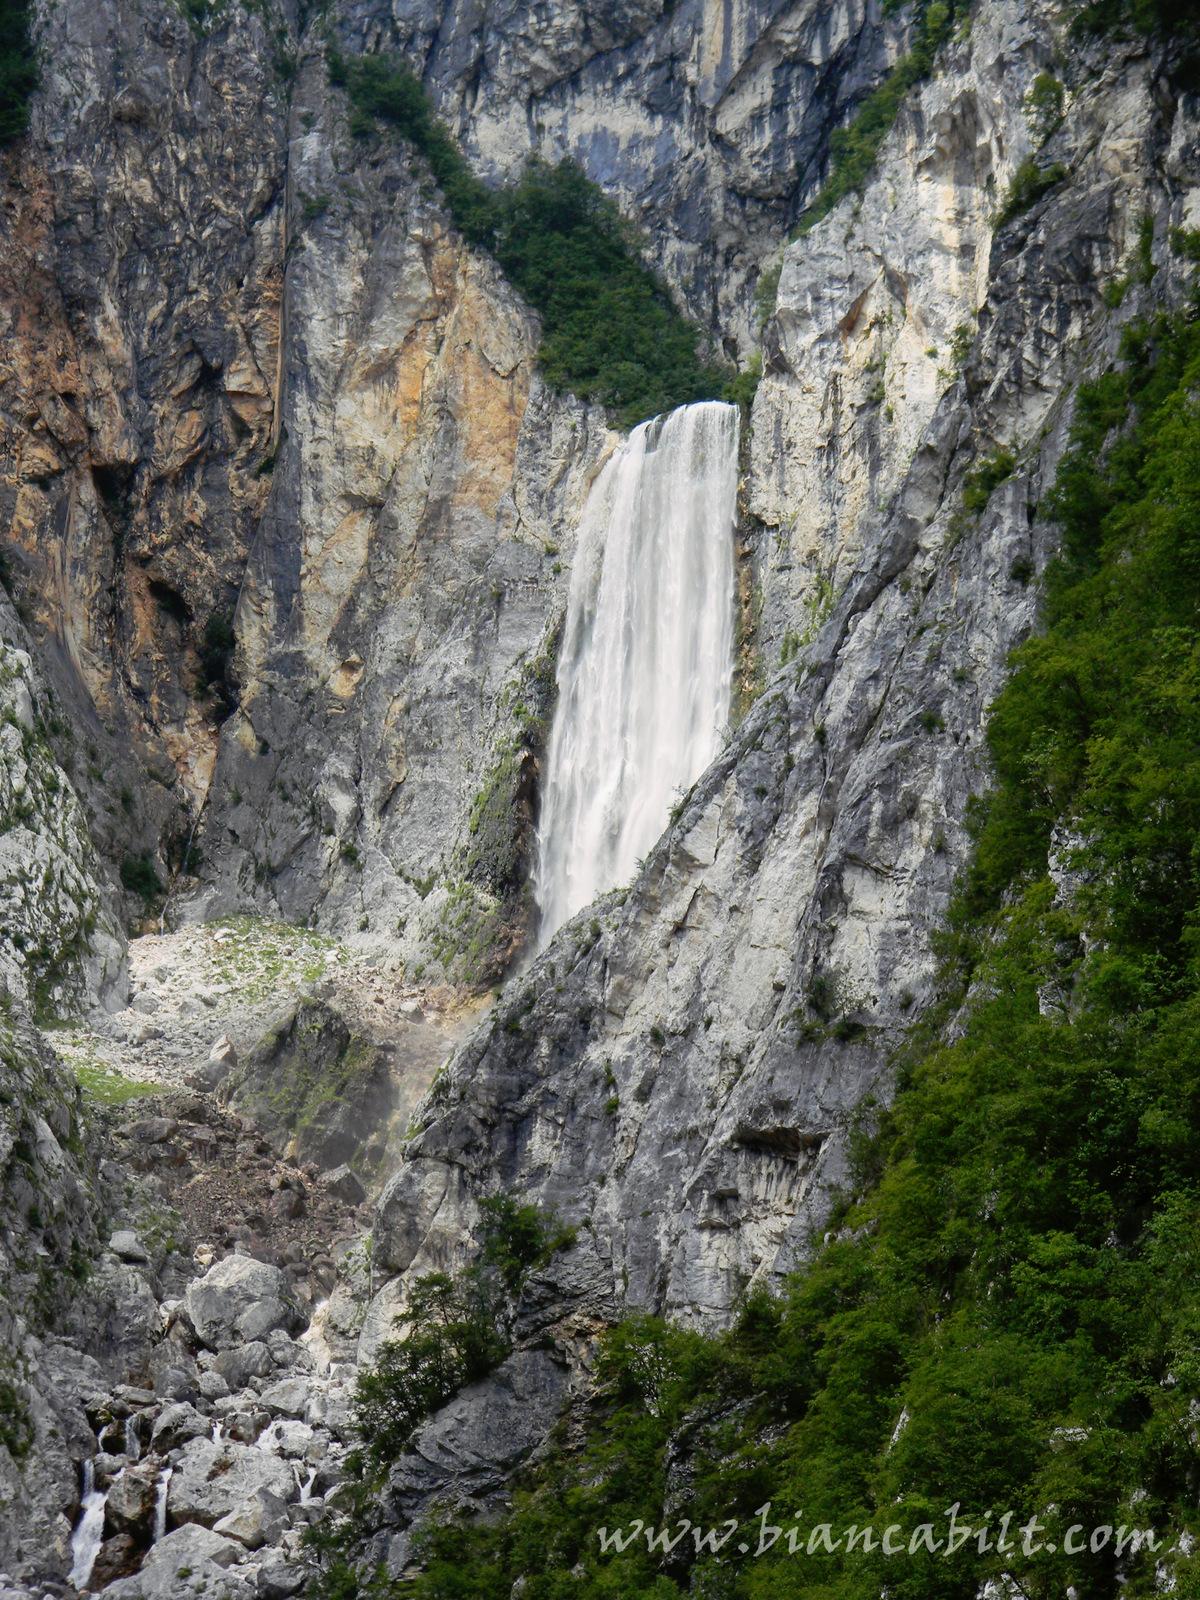 Cea mai mare cascadă din Slovenia. Poza este cu zoom, în realitate era imensă și impunătoare.